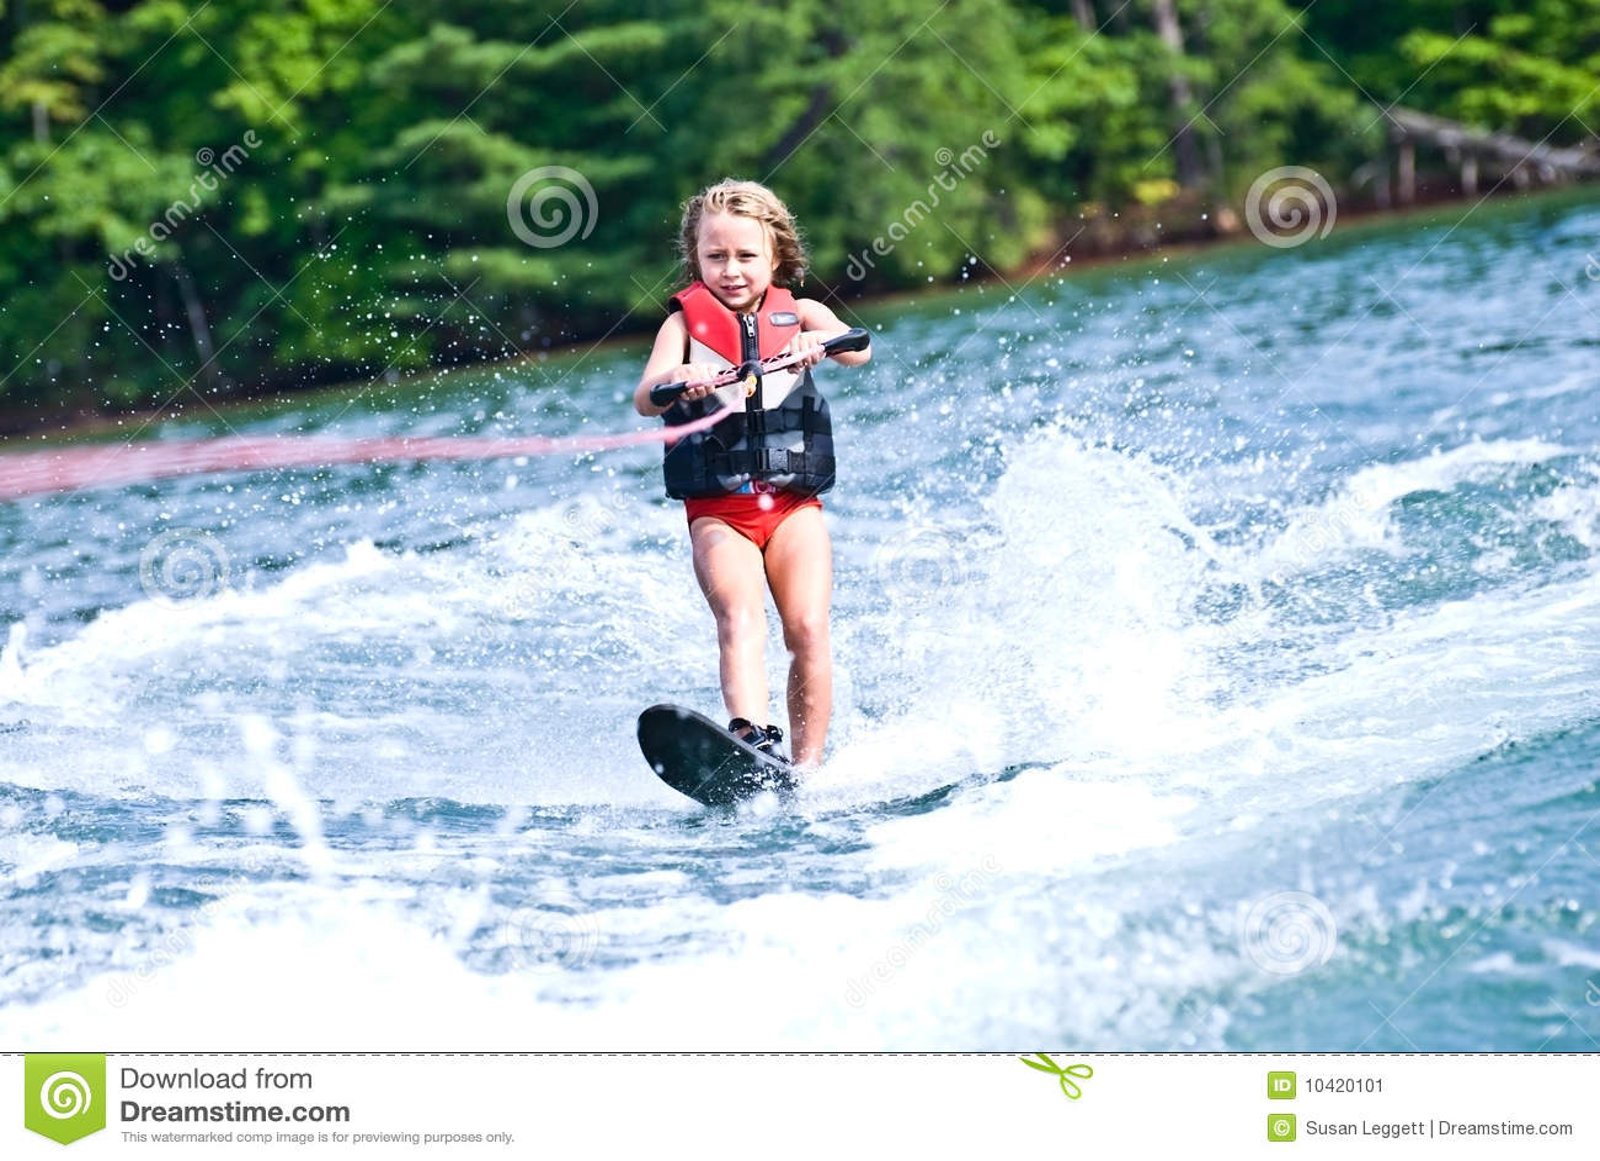 Young Girl on Slalom Ski